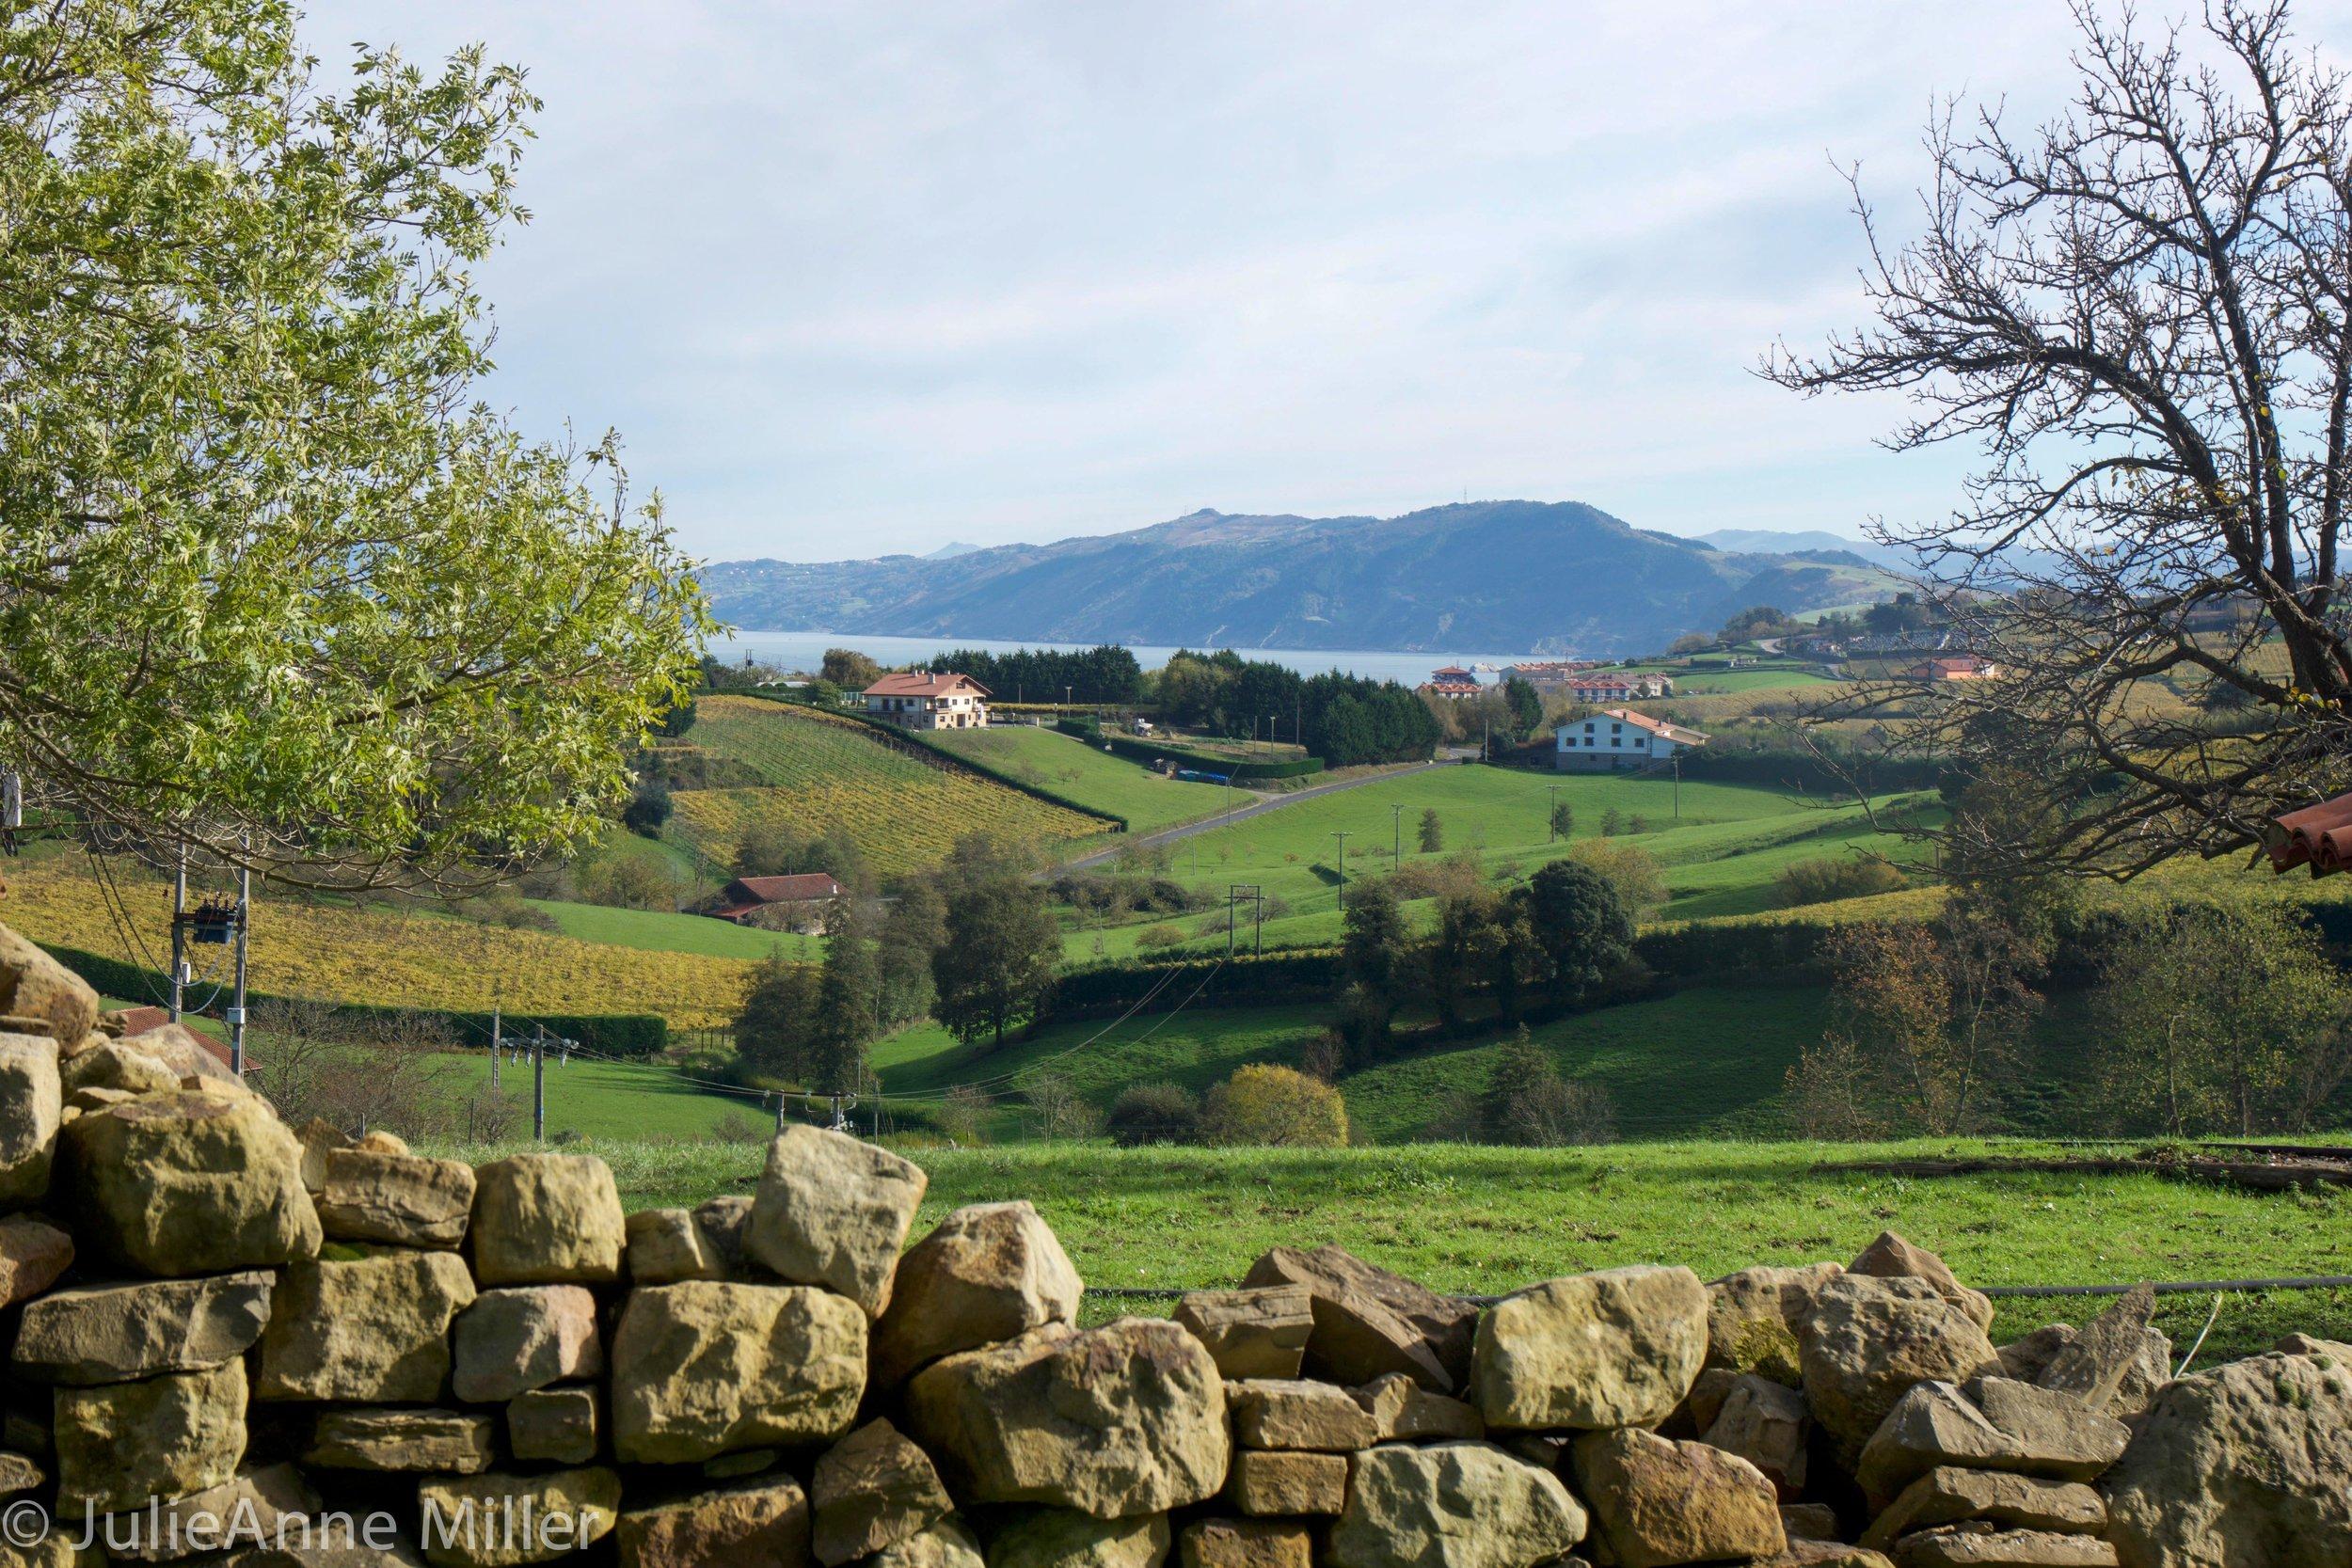 Zumaia, Basque